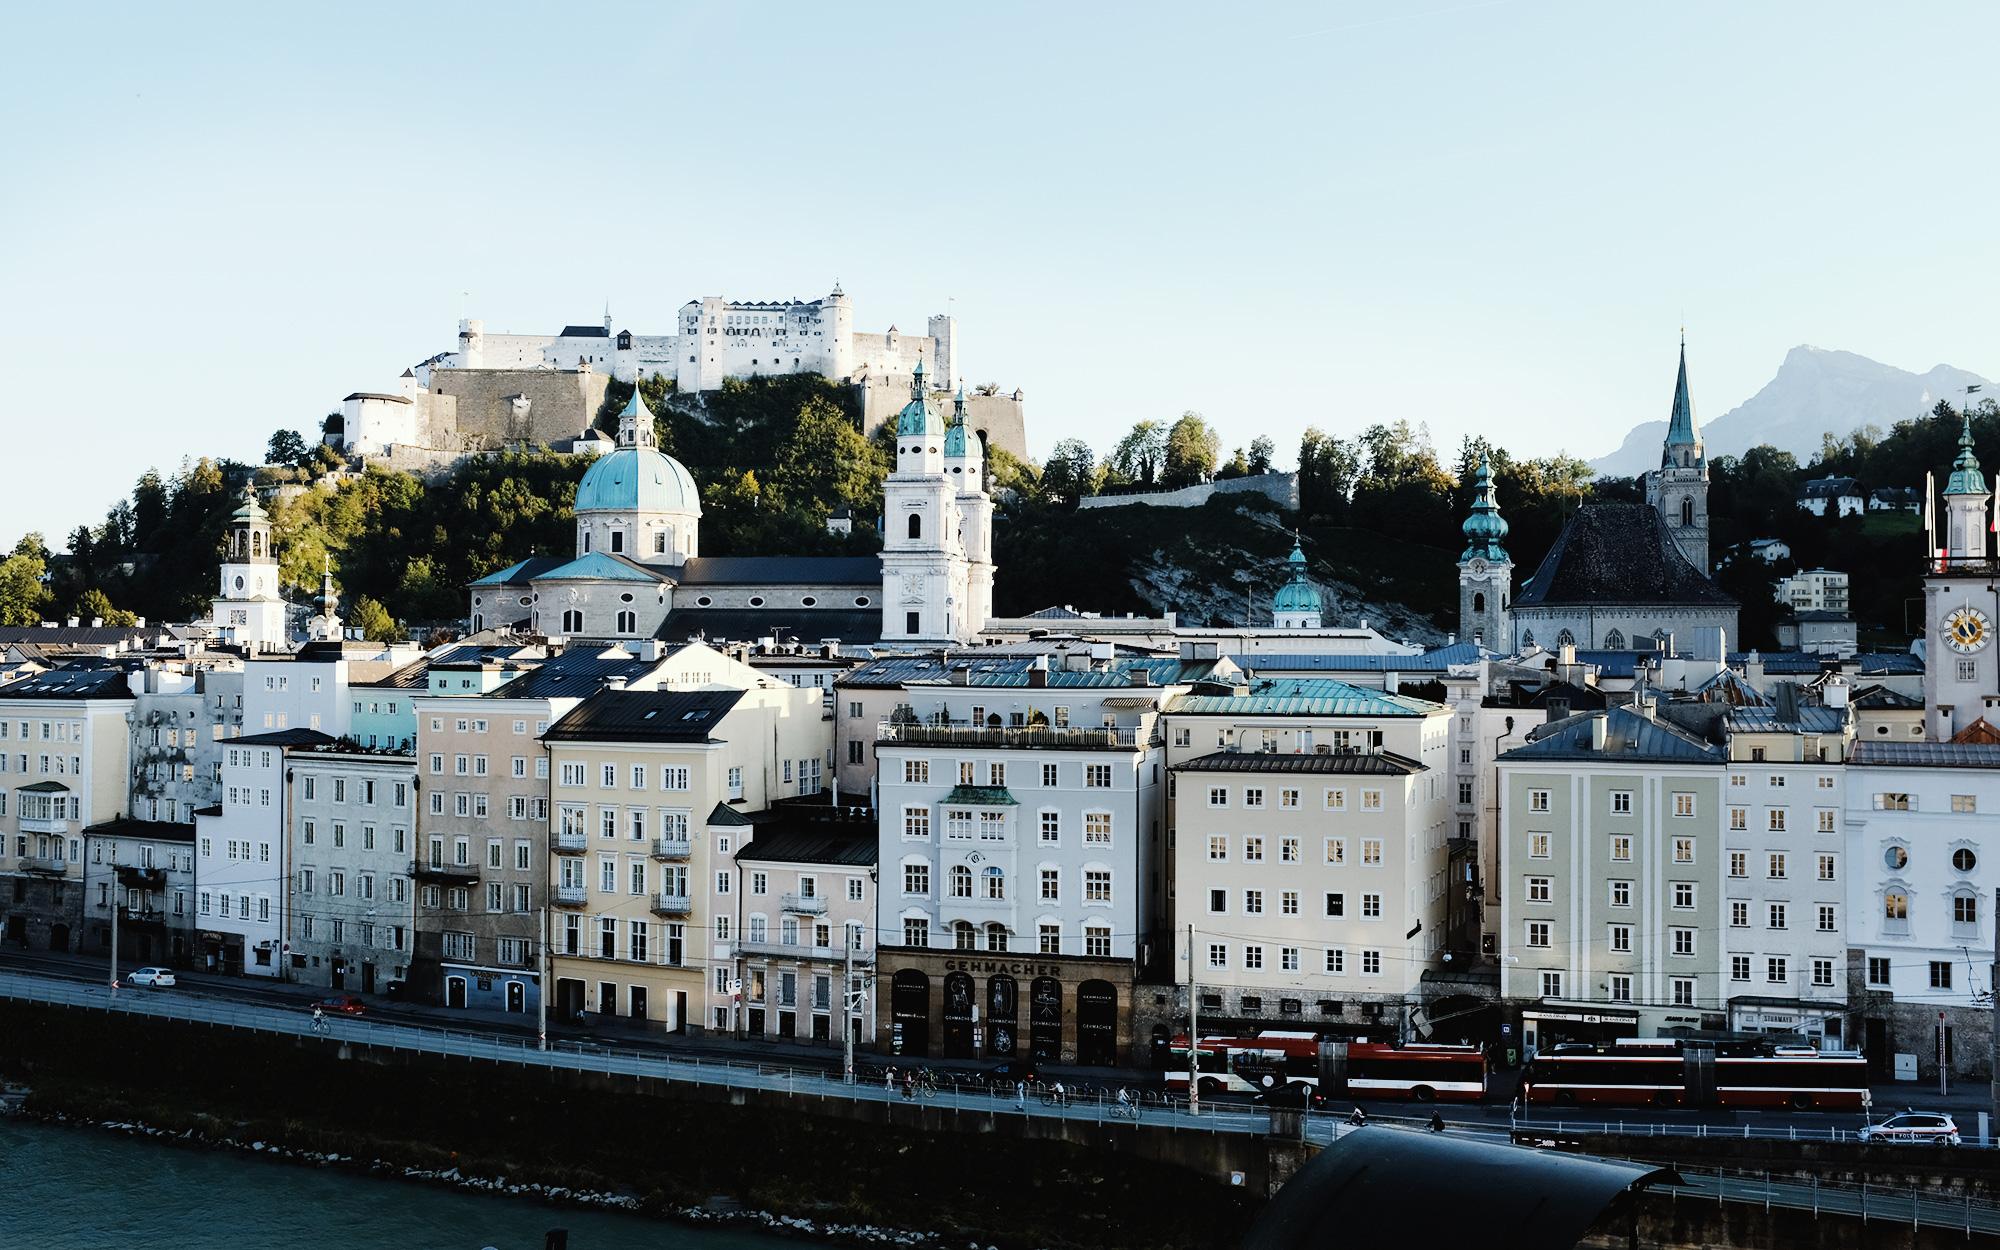 Panorama von Salzburg mit der Festung Hohensalzburg (Foto: Charis Stank)